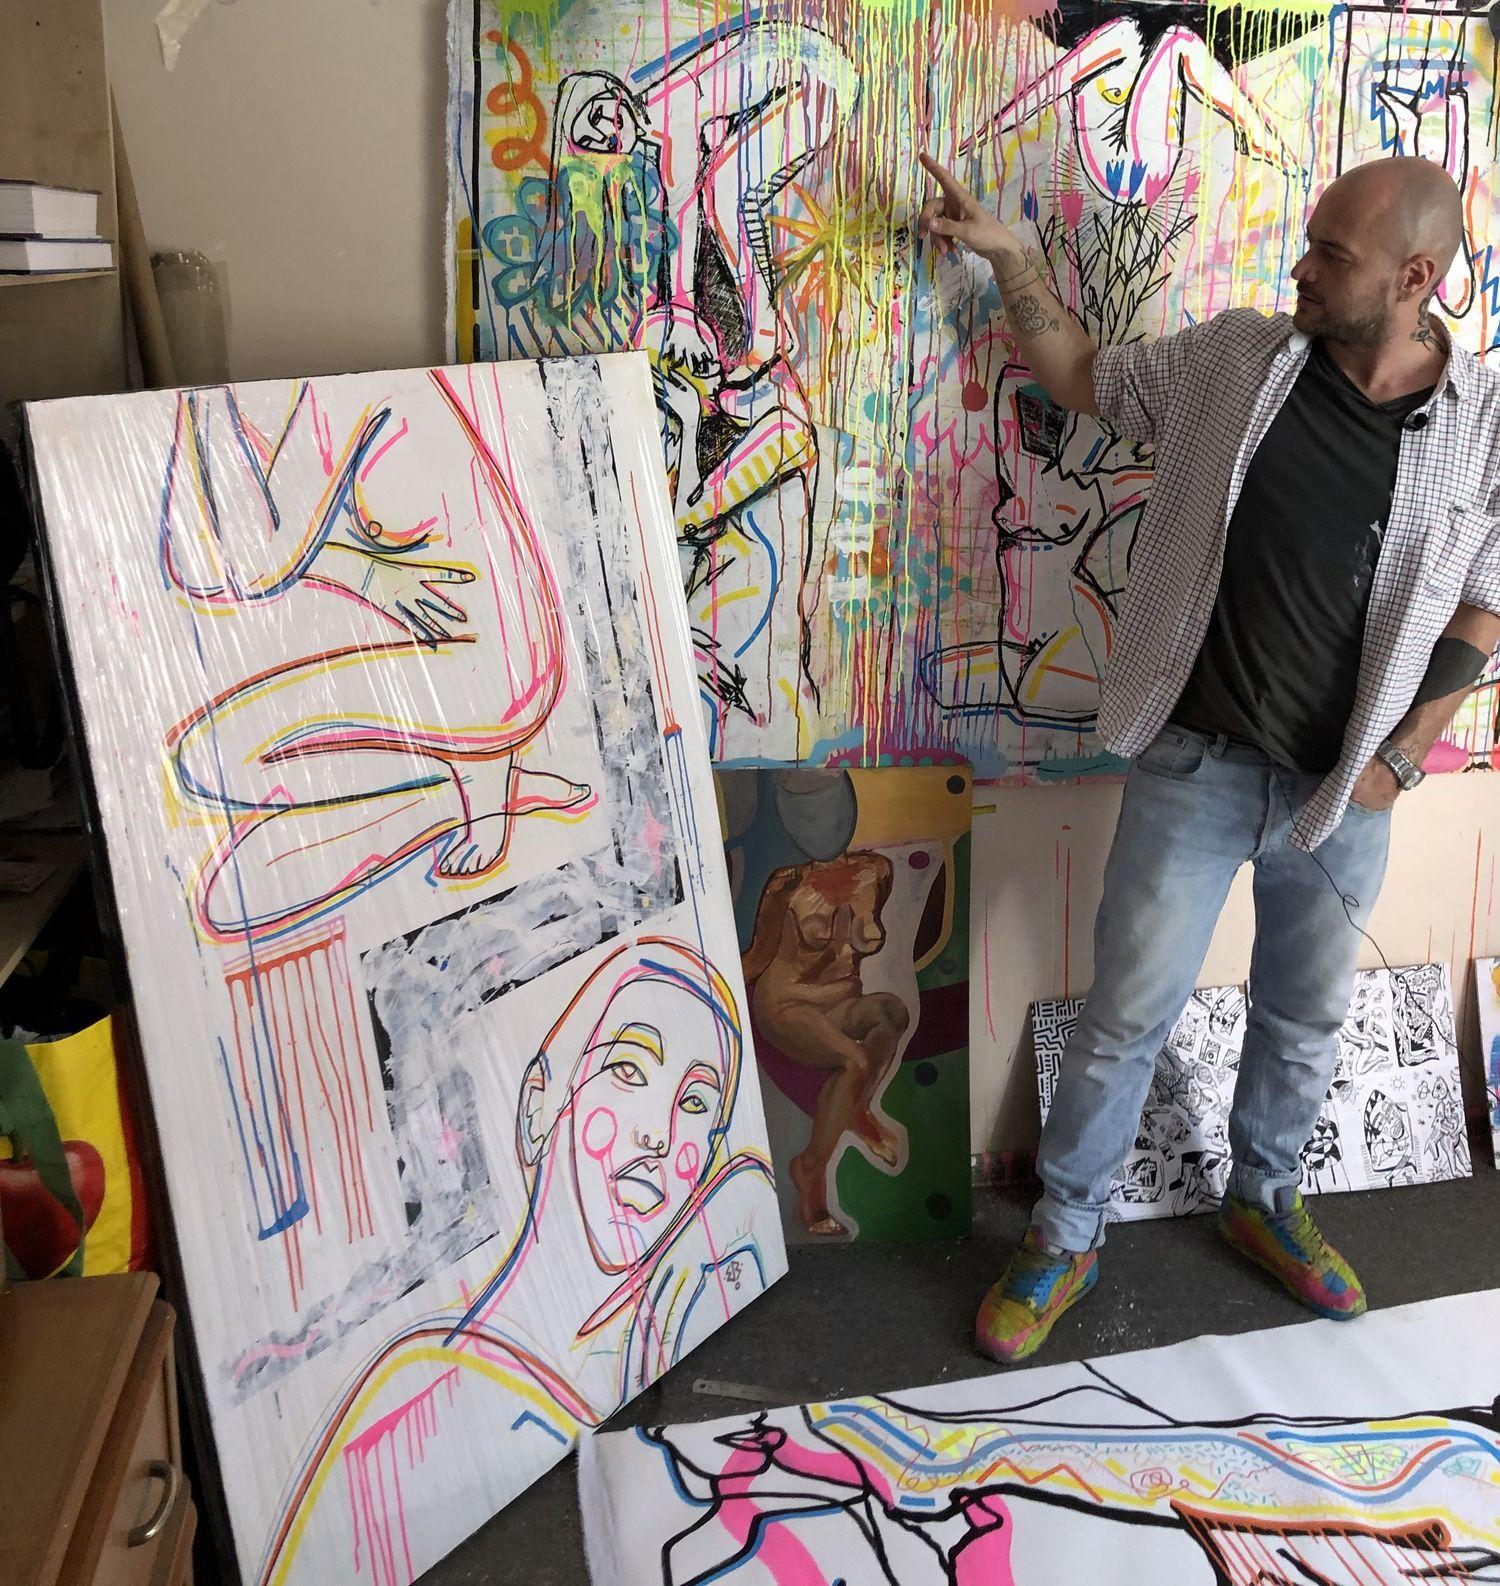 Выставка работ молодых художников пройдет в Калининграде в рамках «АРТ-Мастерская XXI»